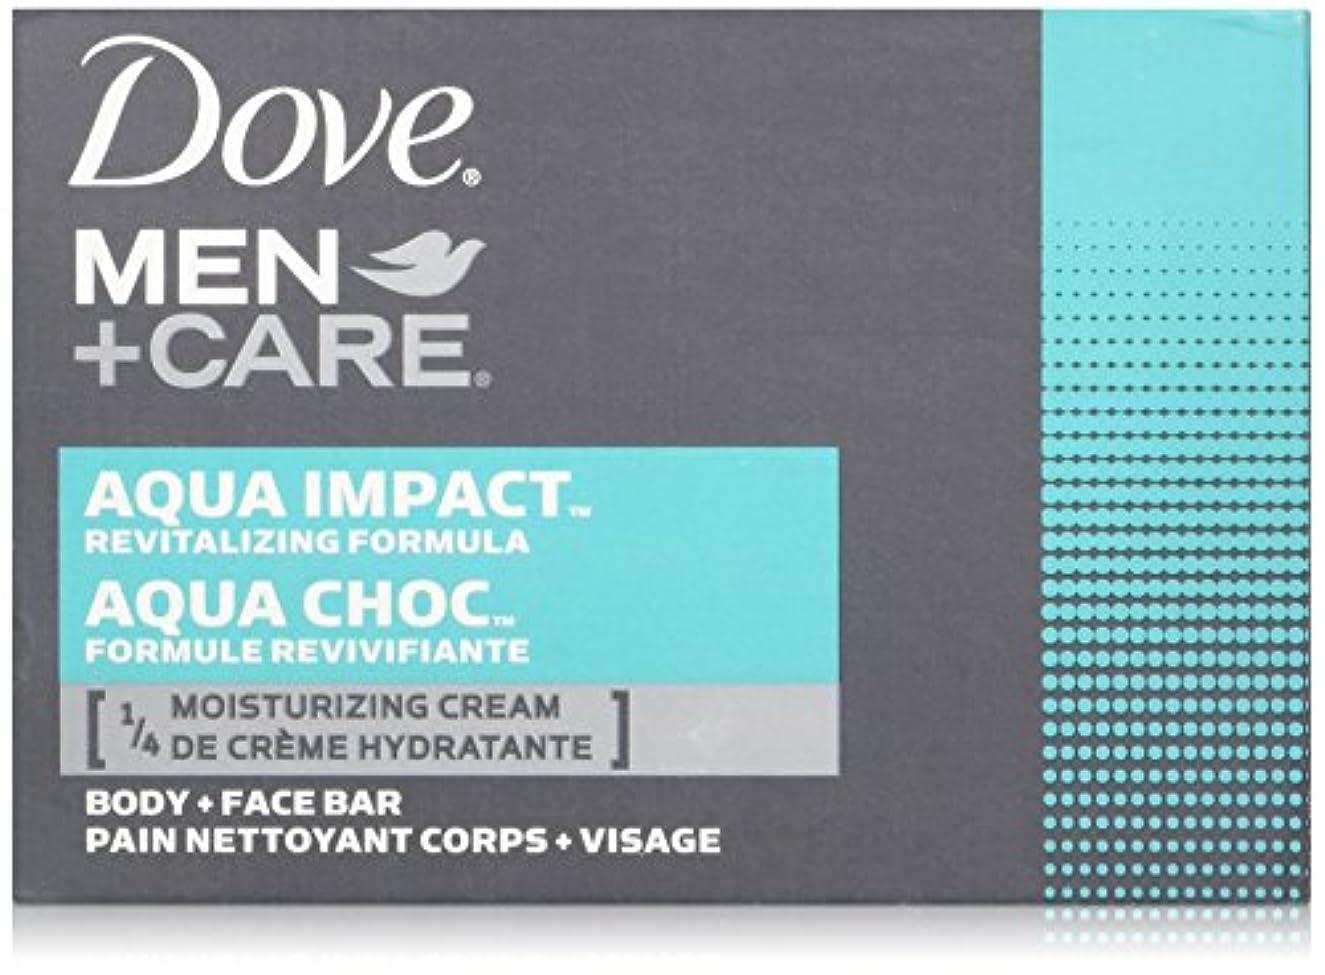 フォアマングレートオークアレルギーDove Men + Care Body and Face Bar, AQUA IMPACT 4oz x 6soaps ダブ メン プラスケア アクアインパクト 固形石鹸 4oz x 6個パック